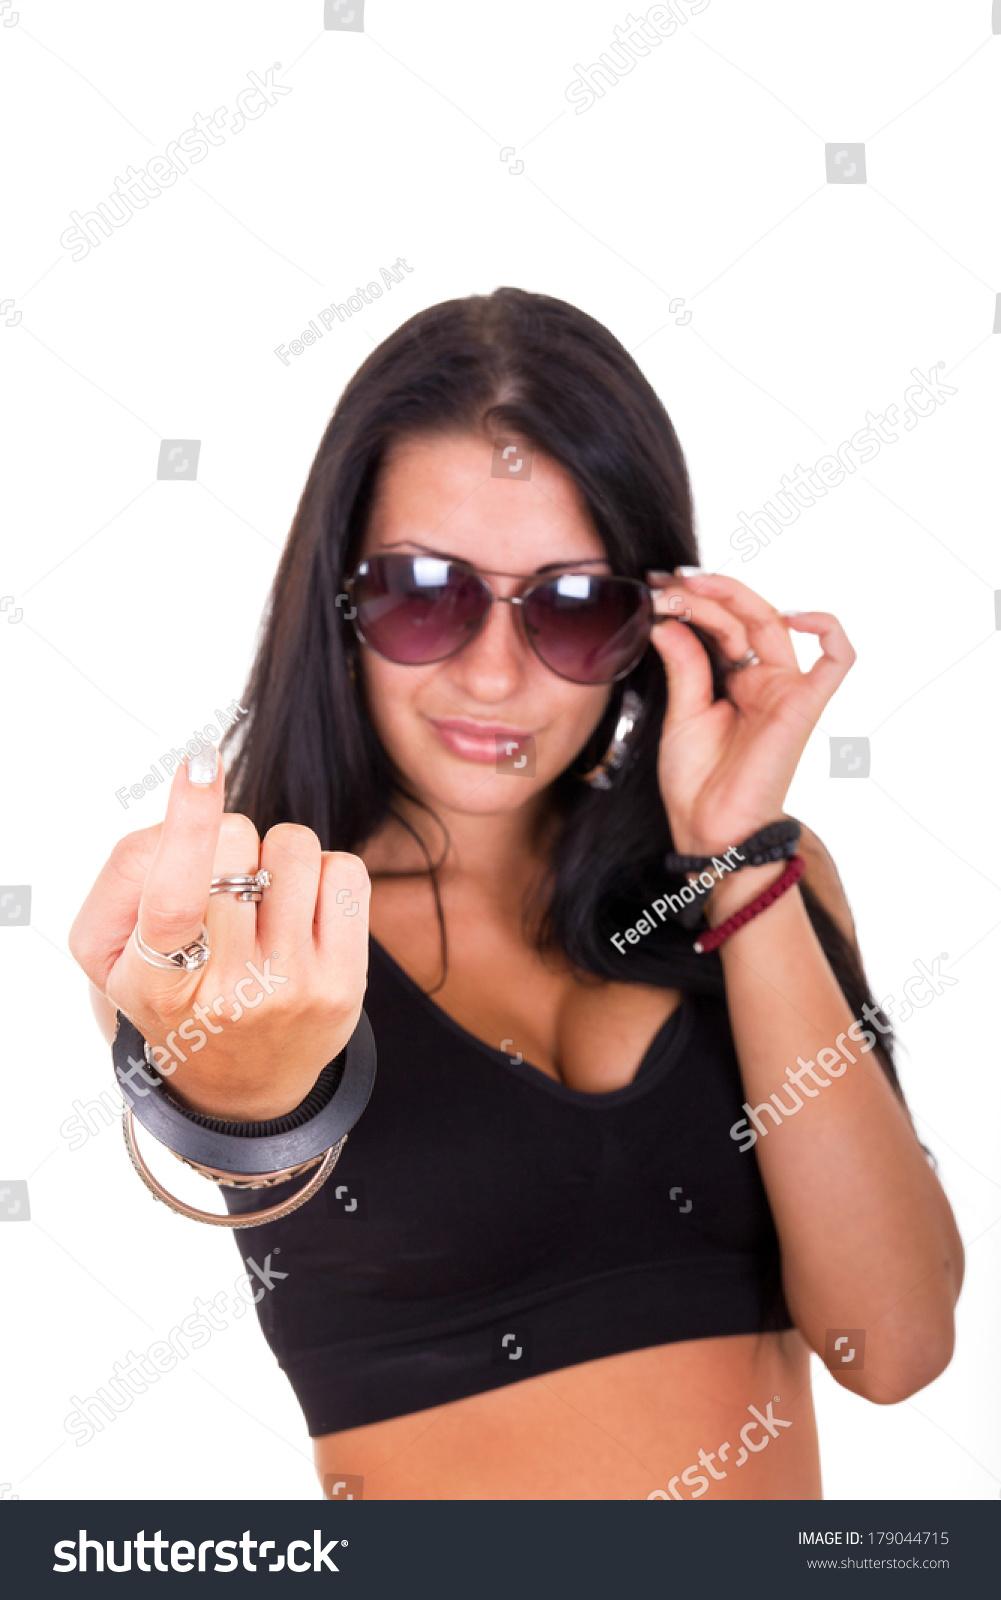 Фото девушек манящих пальцем